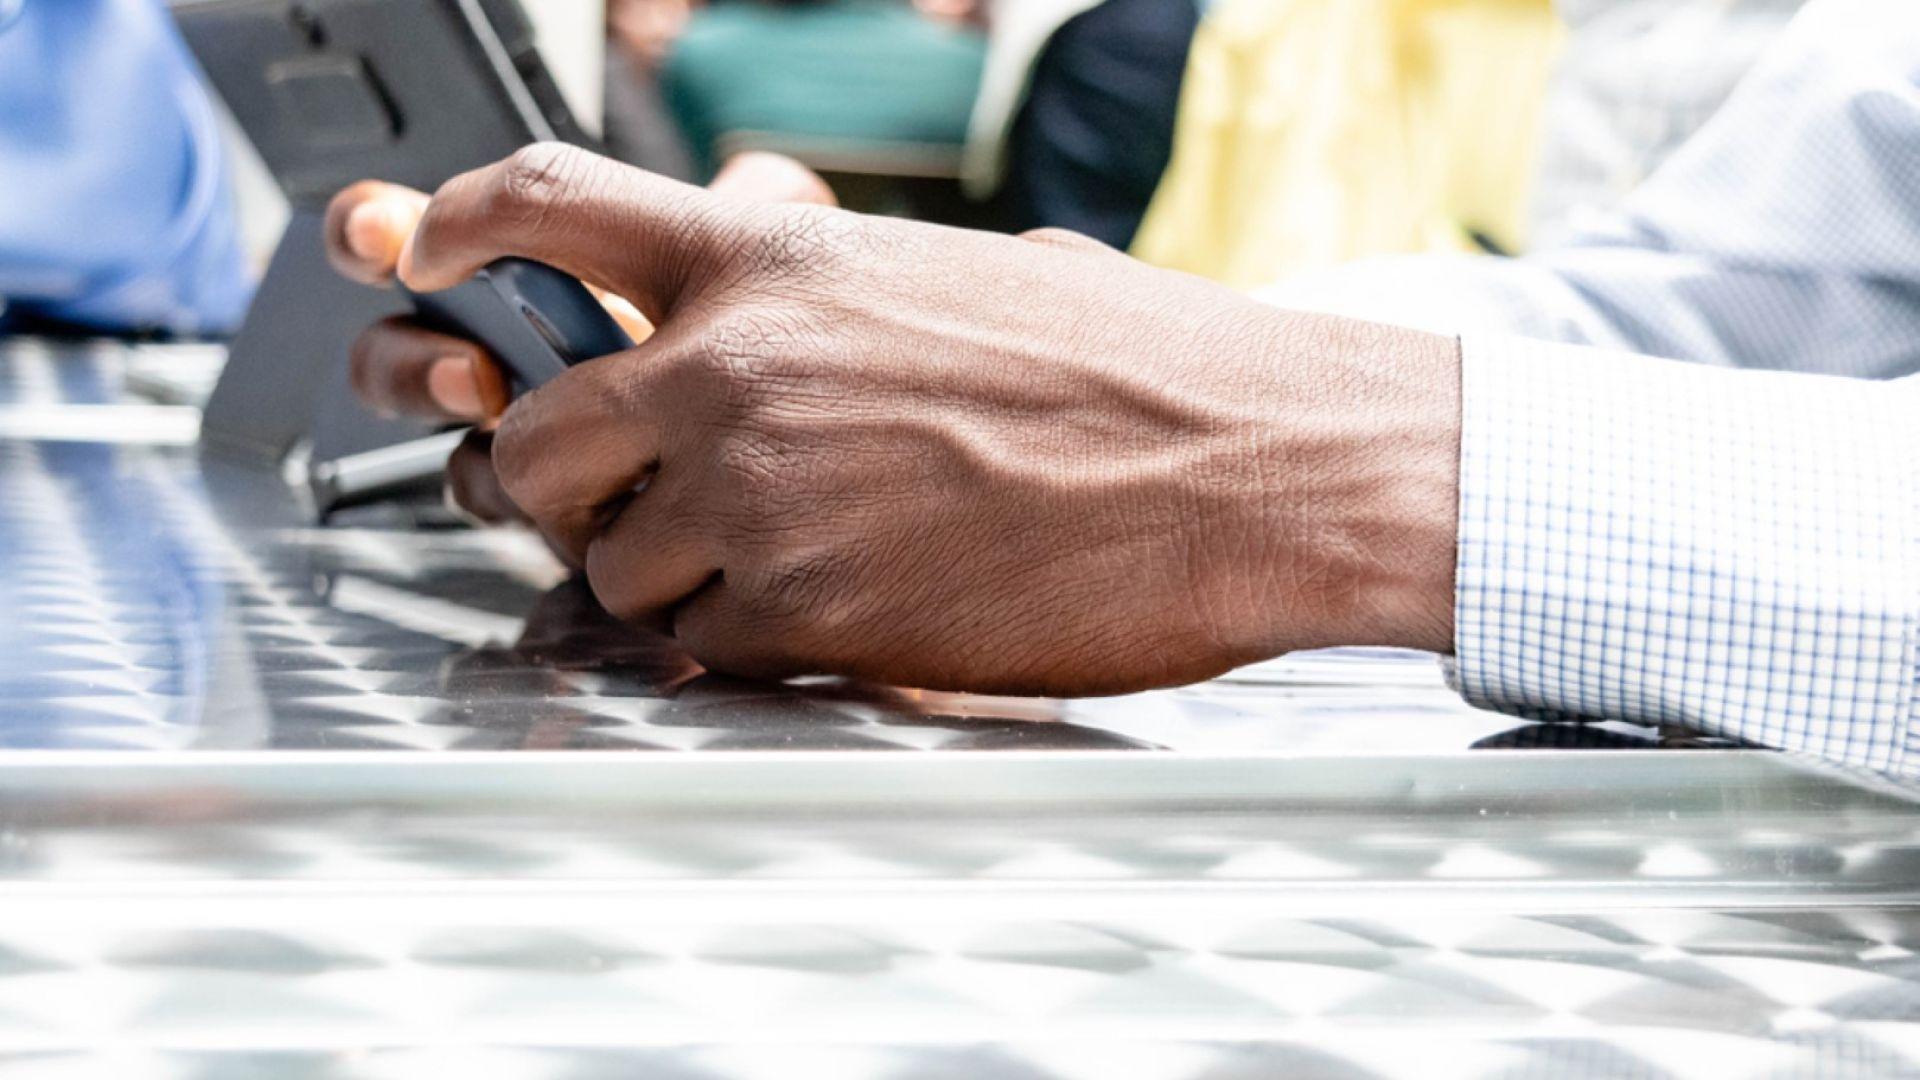 ГДБОП: Киберпрестъпници заплашват с позорящи видеа